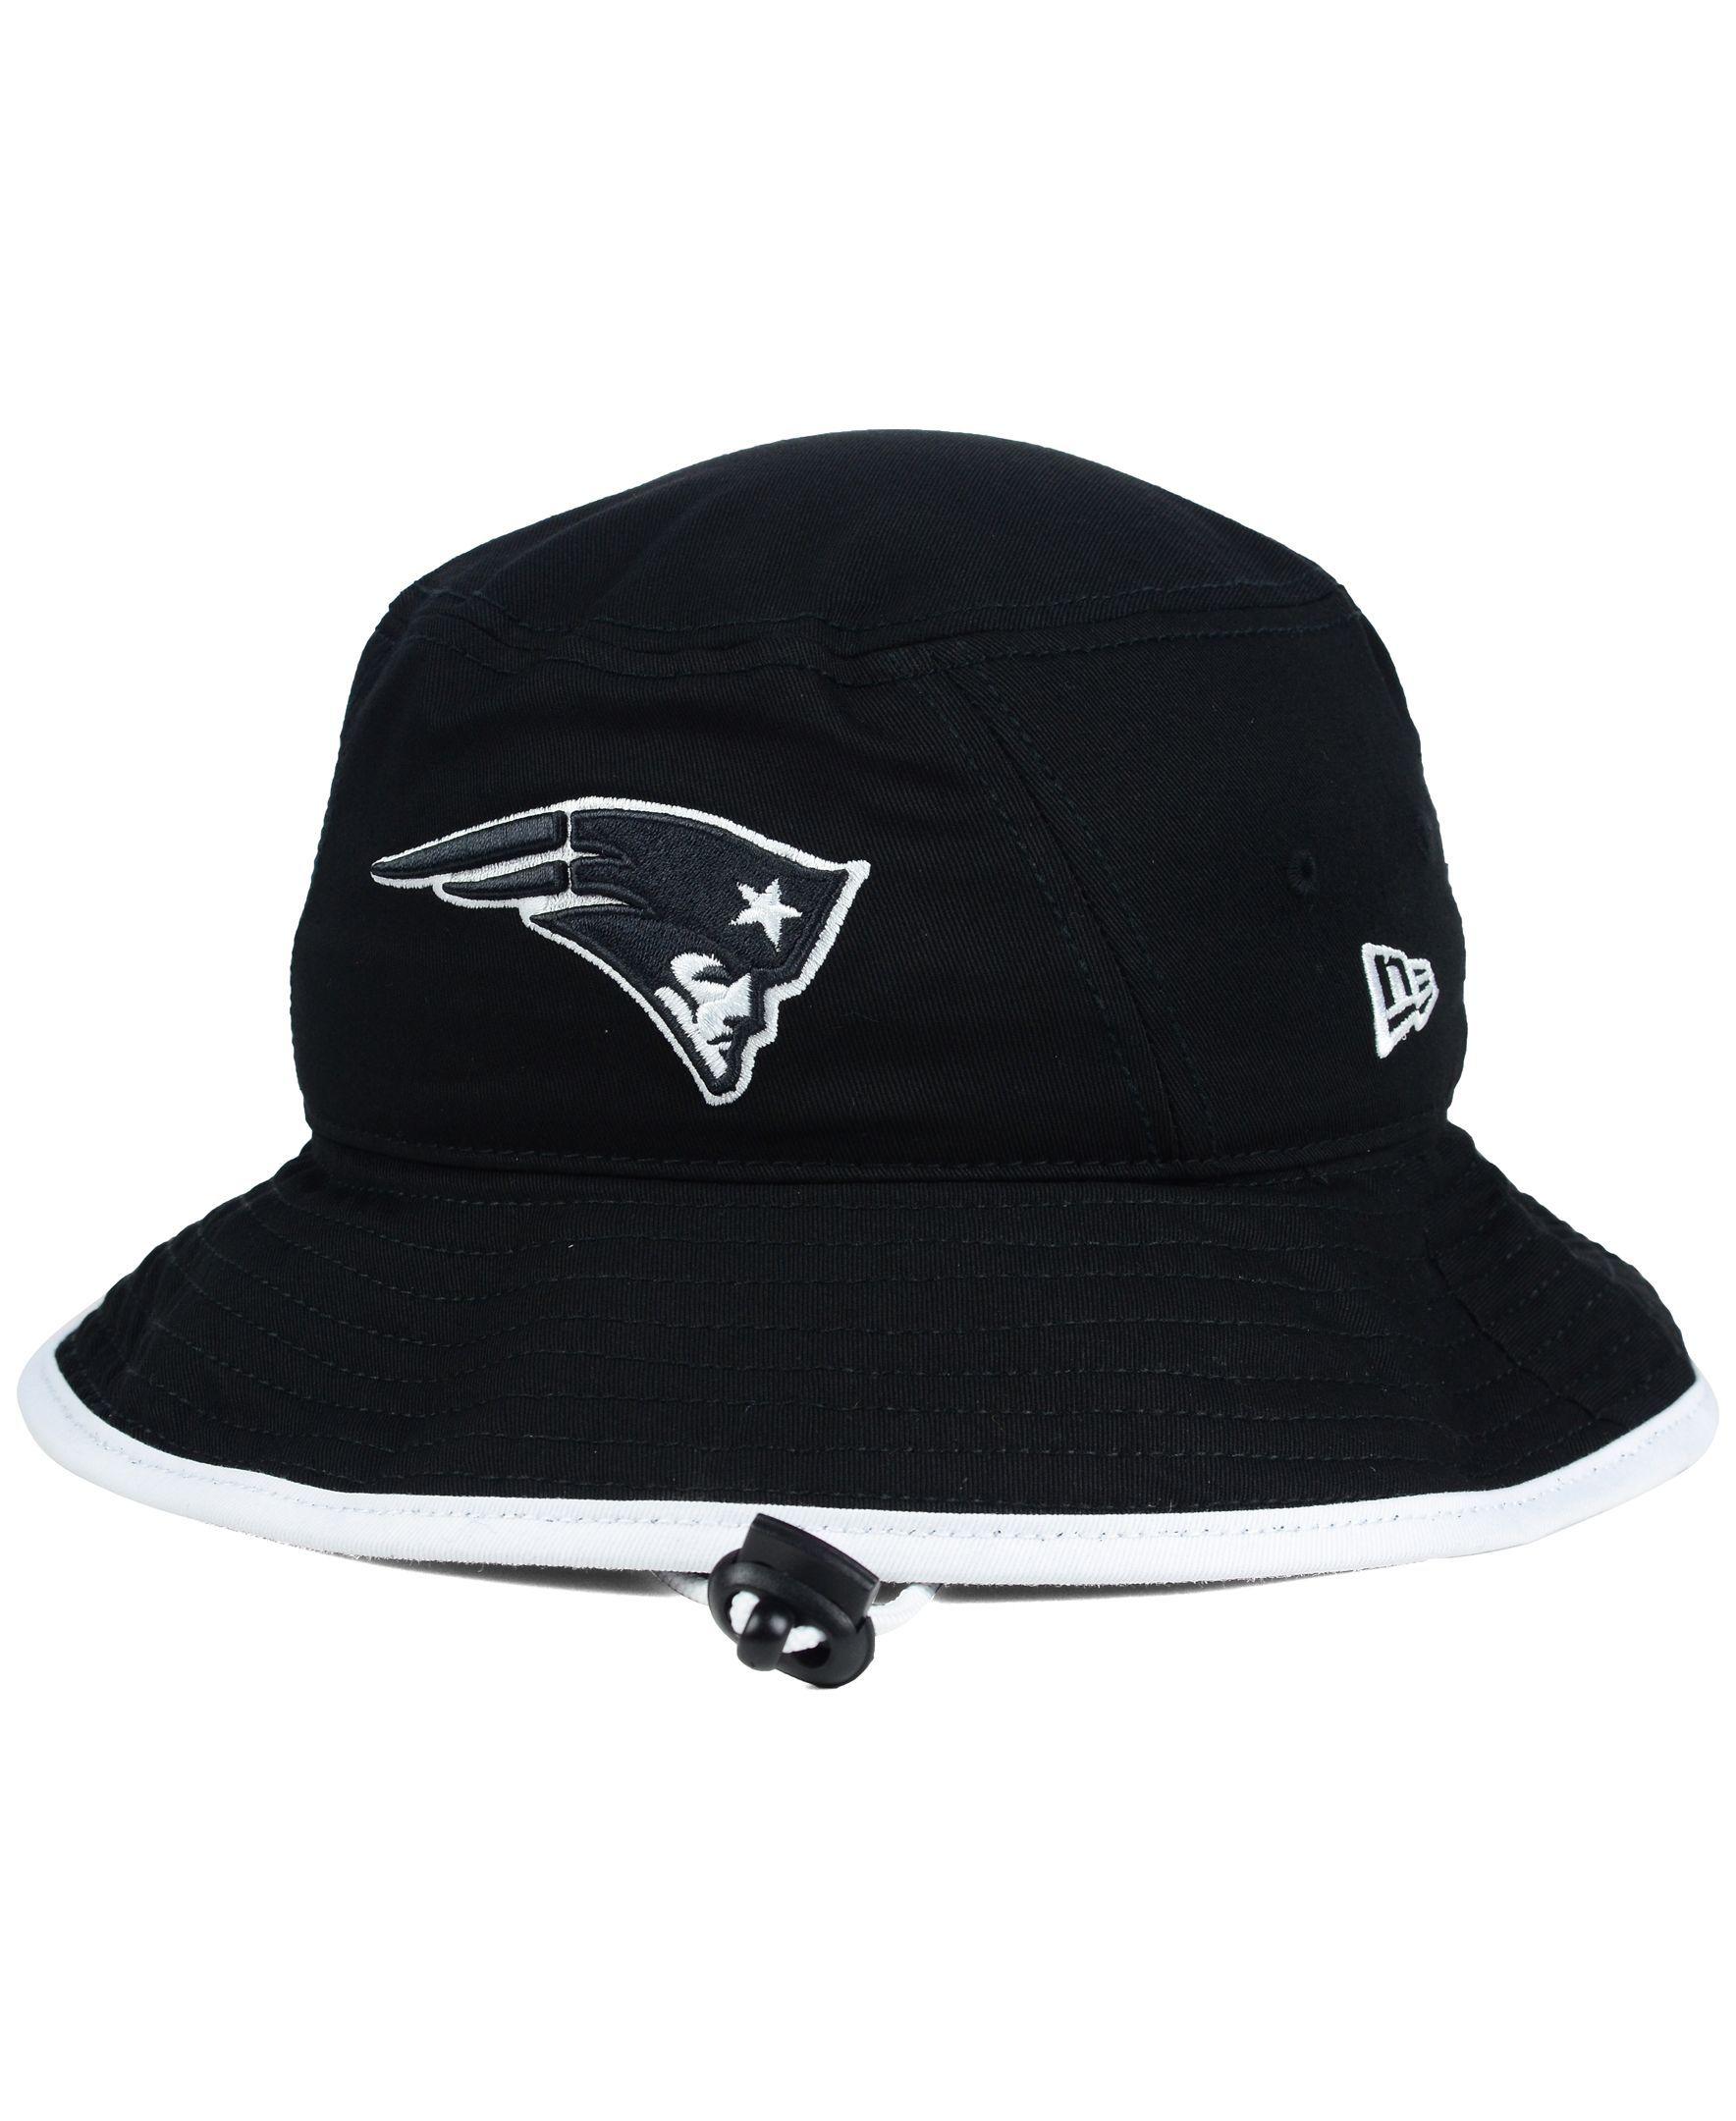 774e1dcf Nfl New Era Bucket Hats - Parchment'N'Lead